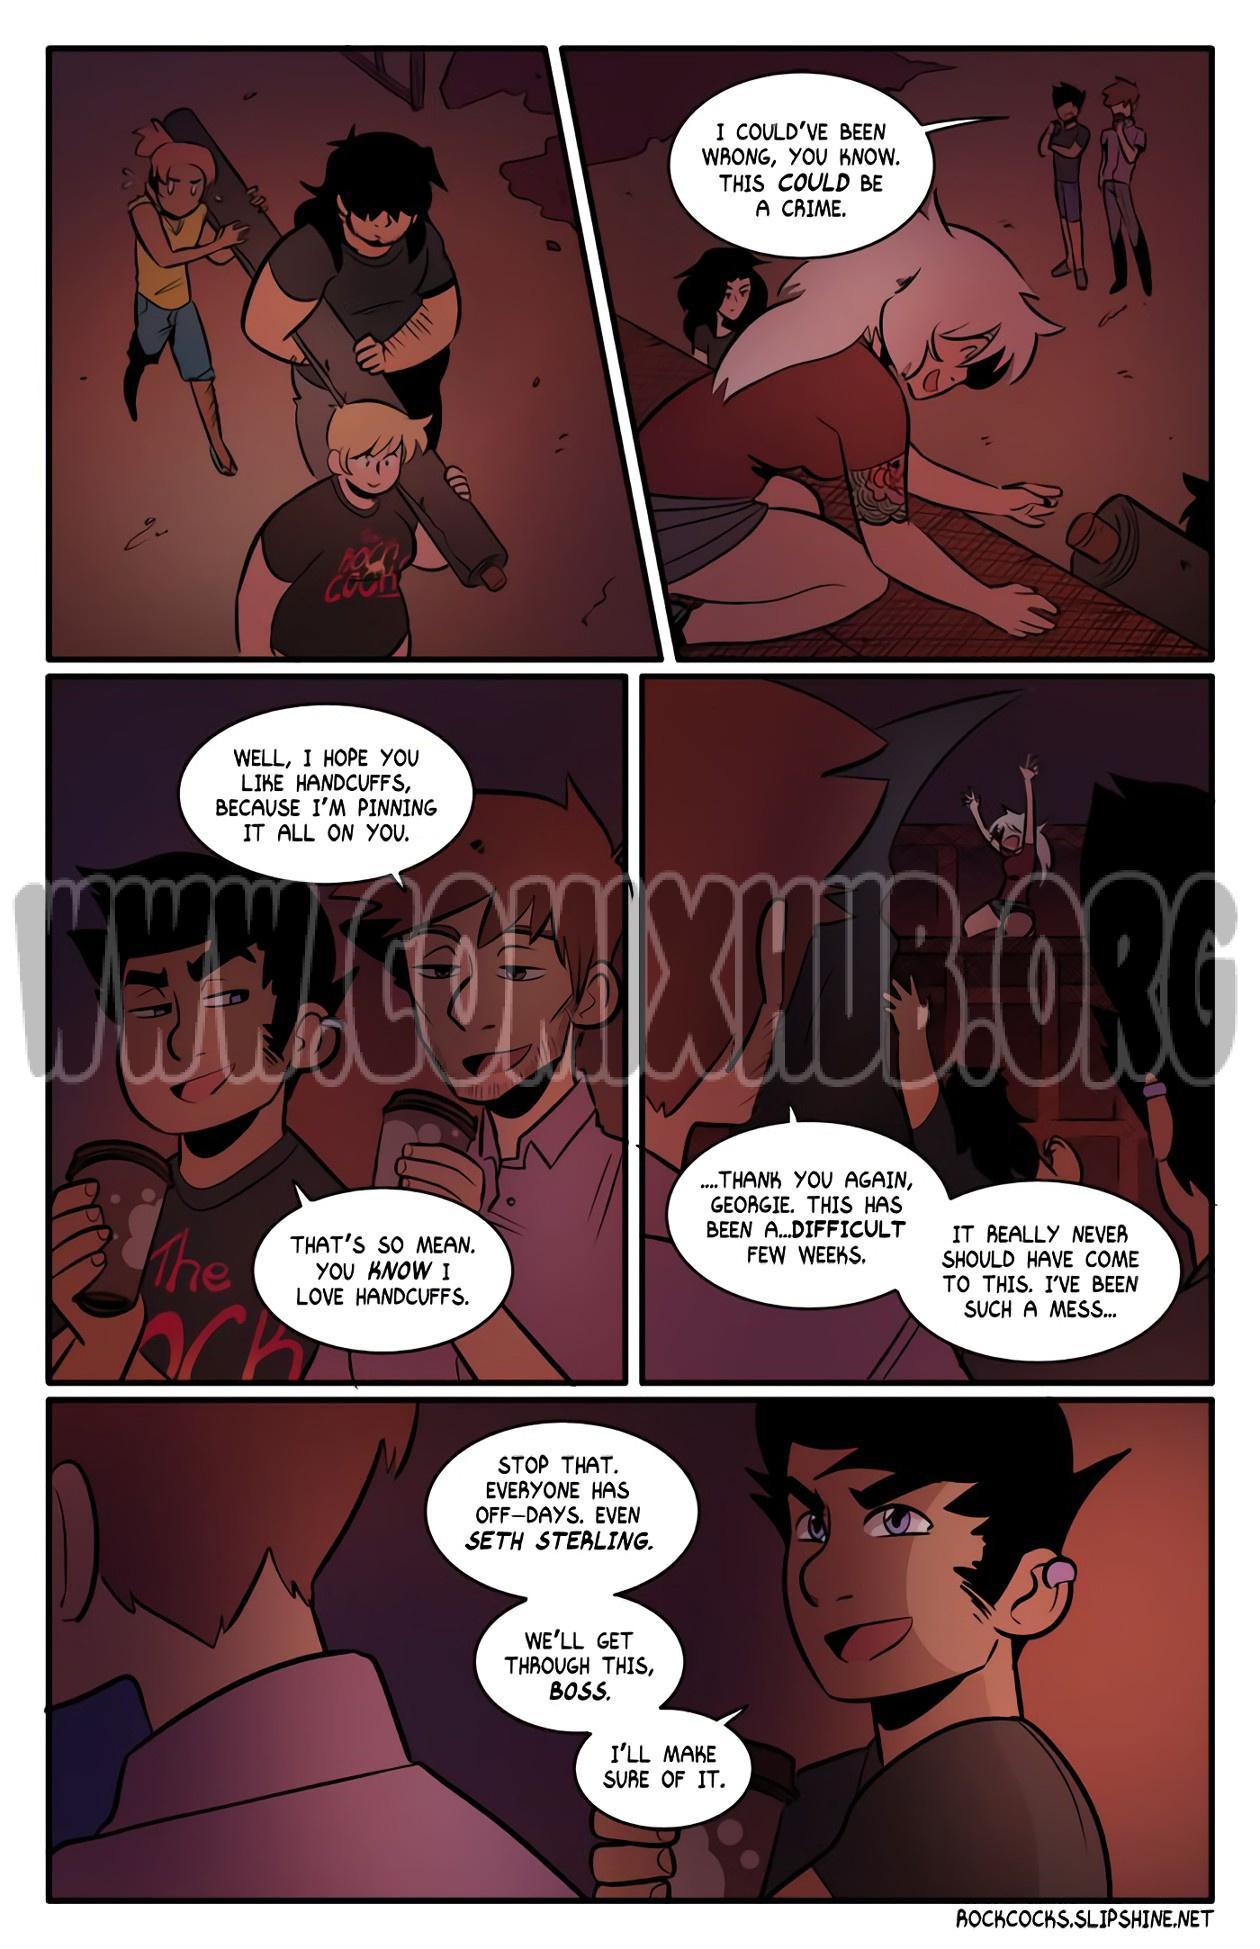 The Rock Cocks 13 porn comics Oral sex, Blowjob, Masturbation